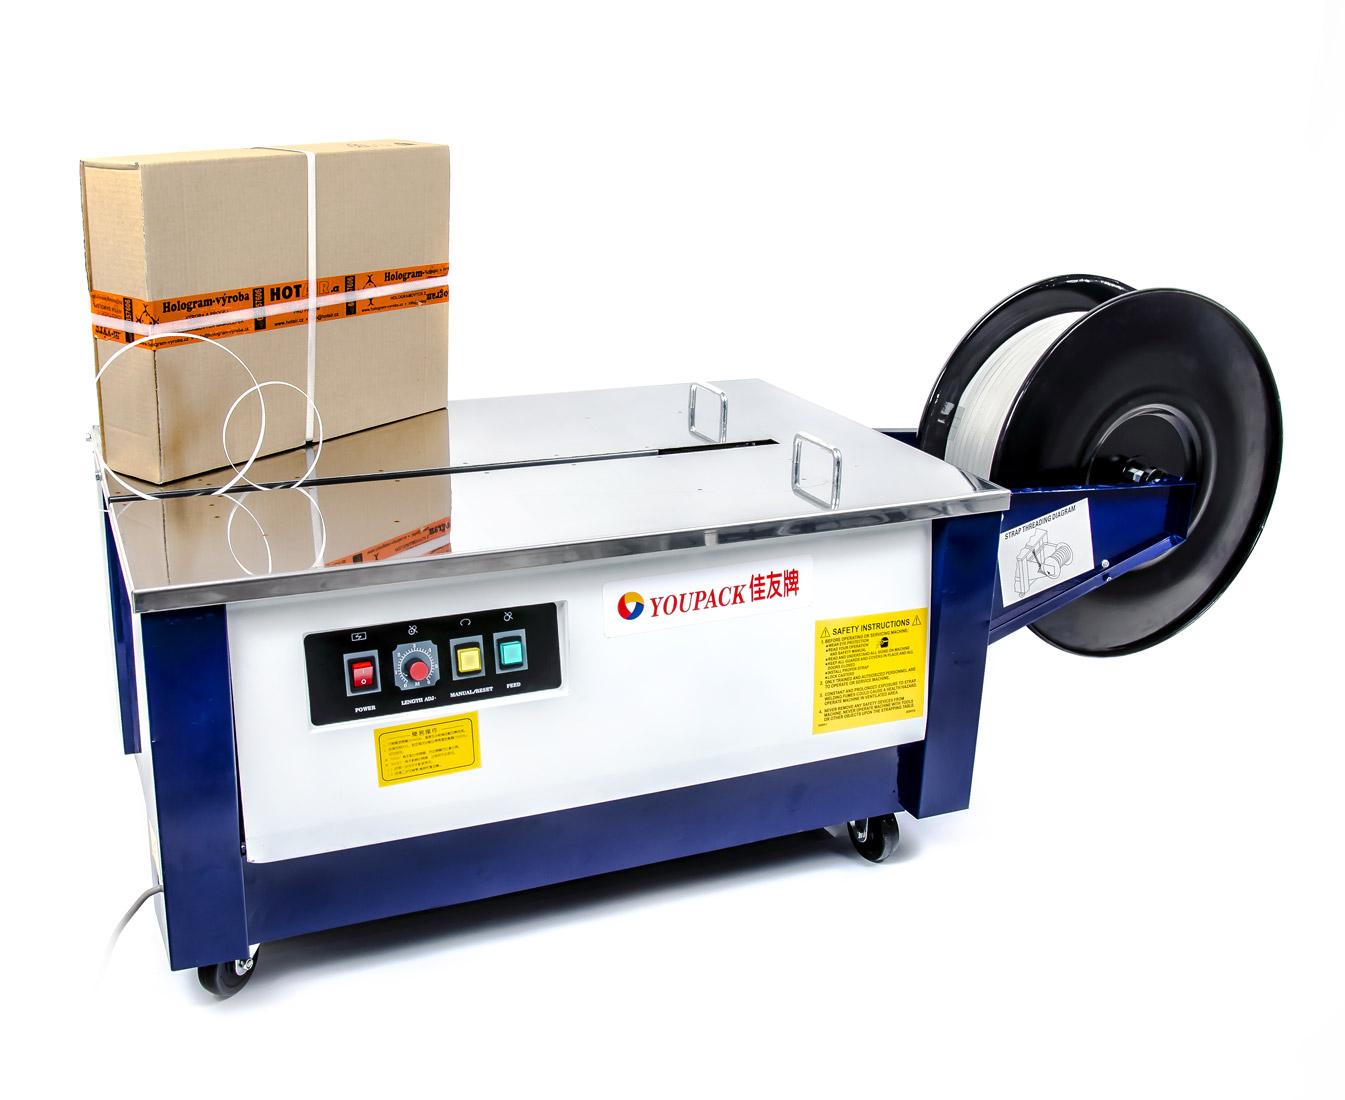 Páskovací stroj YouPack KZBD pro PP pásky, poloautomatický, snížený